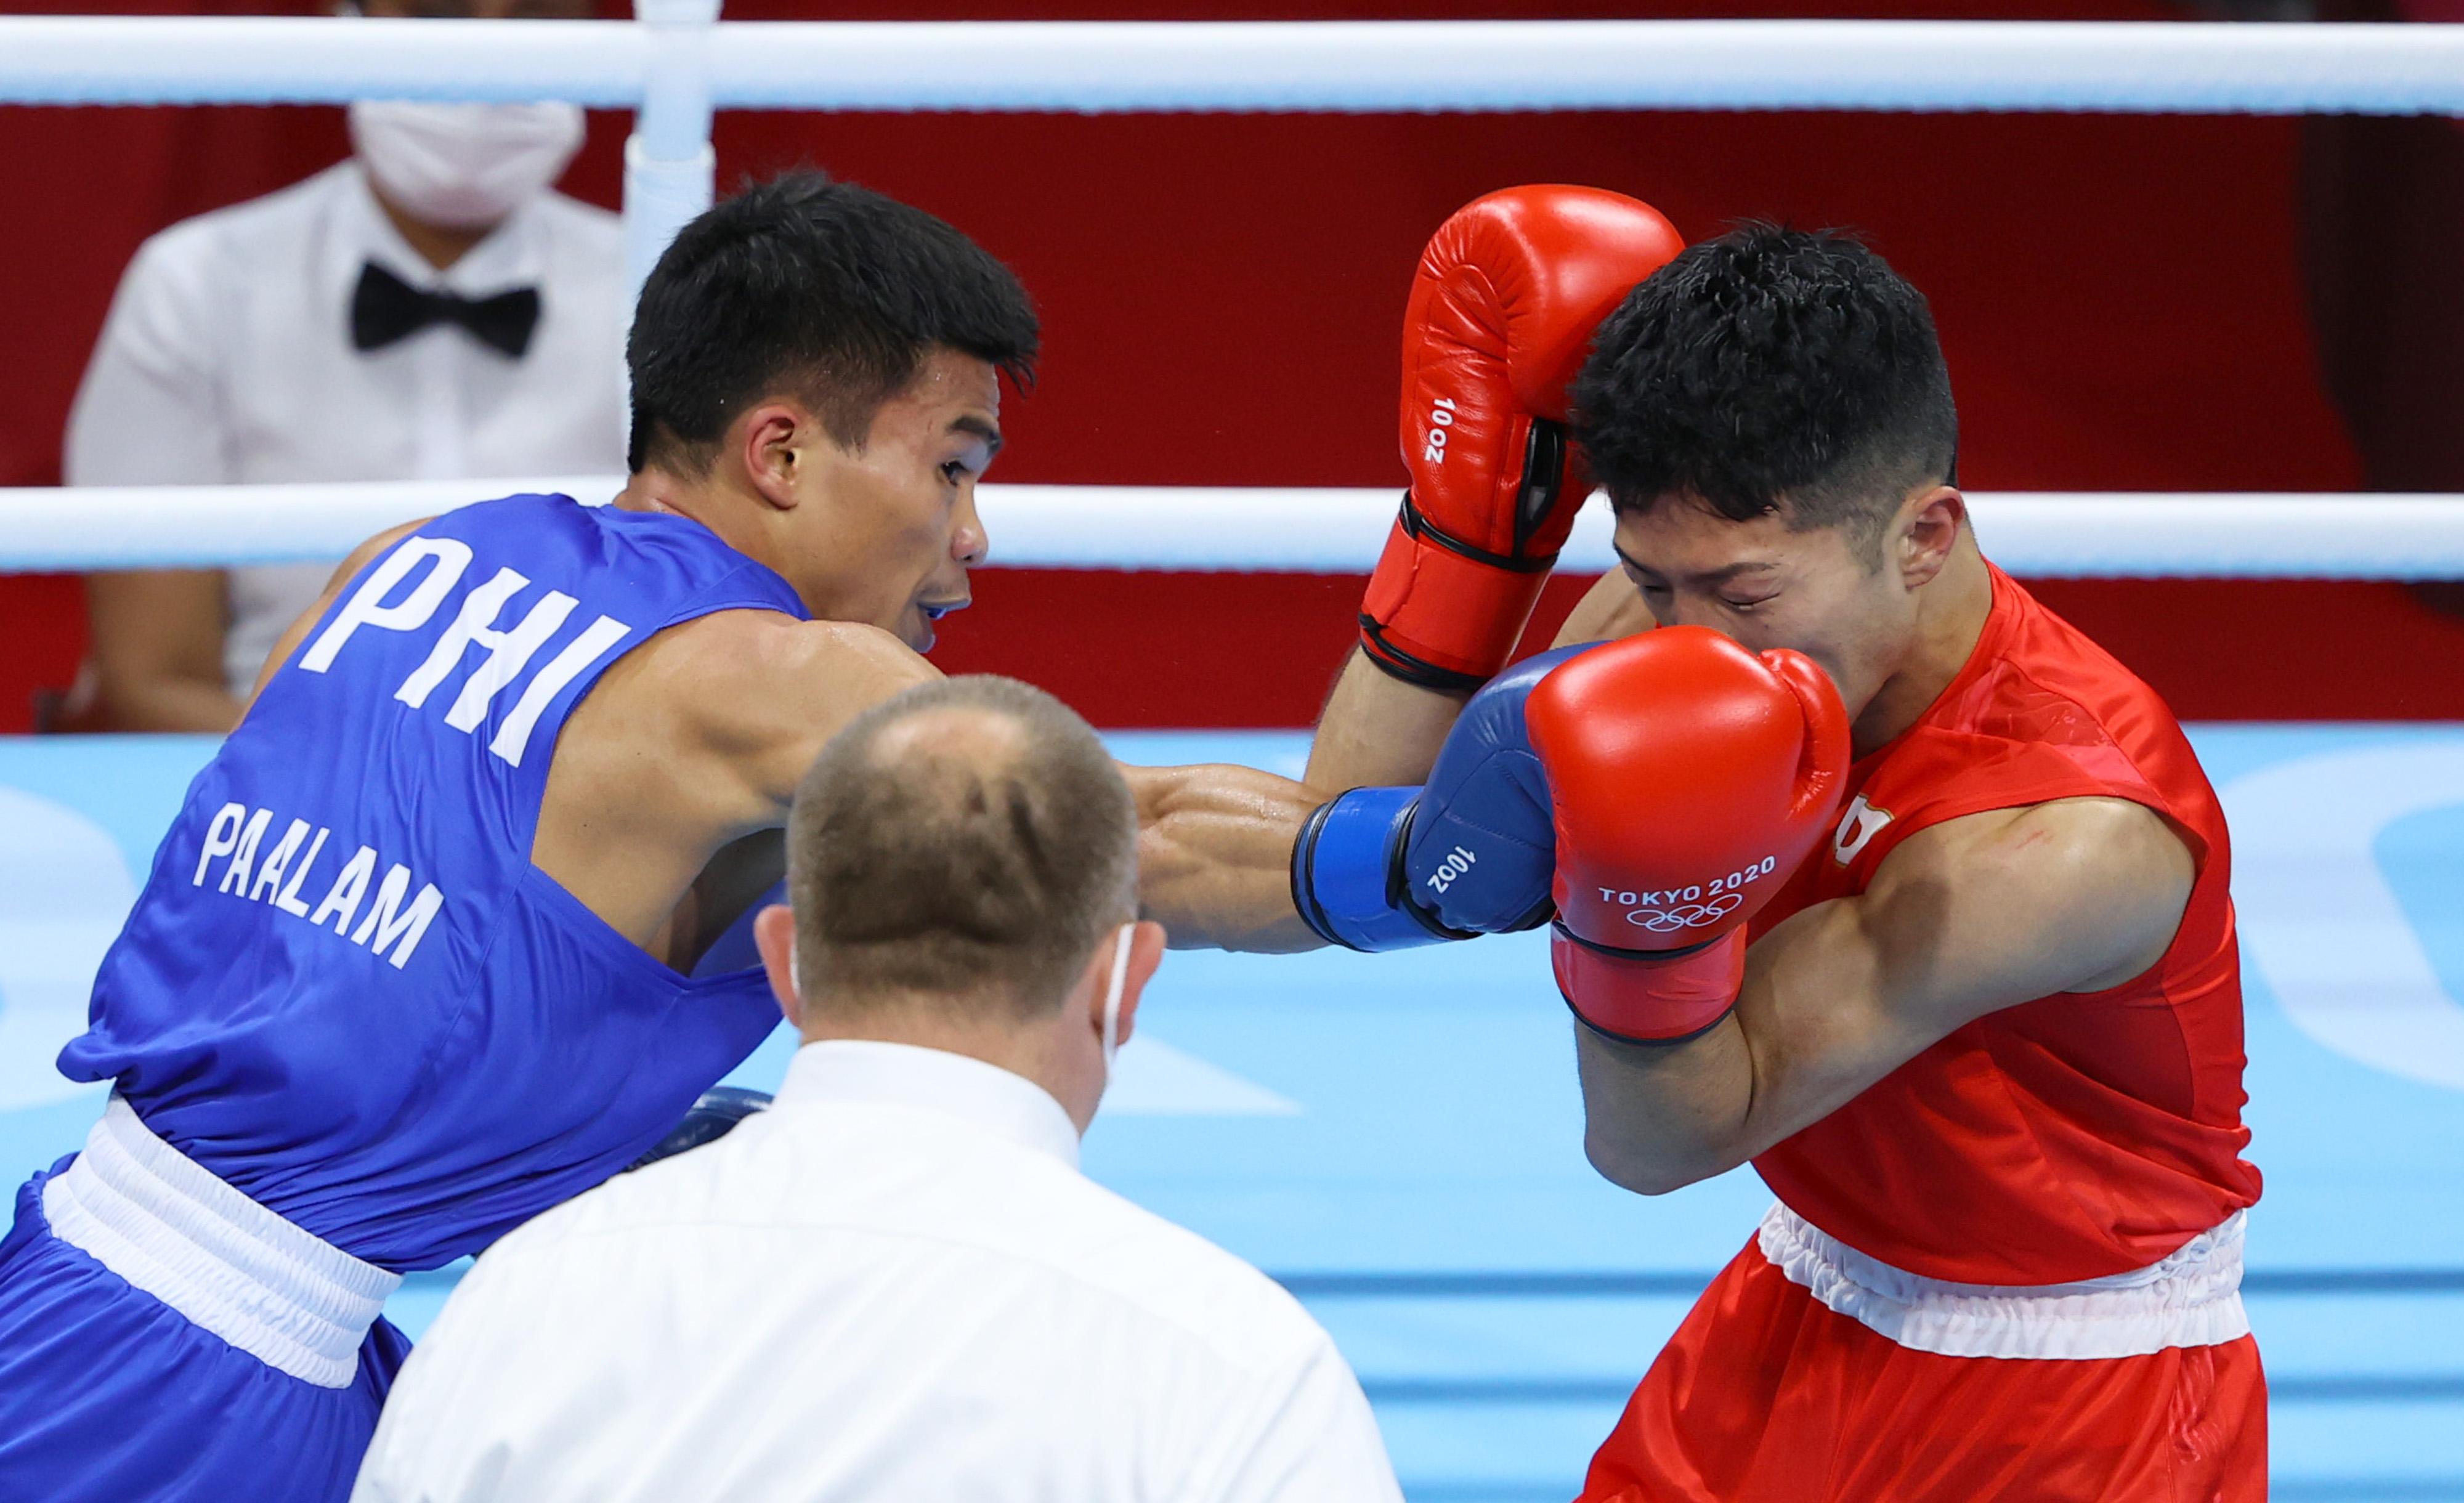 【東京五輪2020 ボクシング】〈男子フライ級 準決勝〉 フィリピンのパーラムと対戦する田中亮明(右)=5日、両国国技館(納冨康撮影)